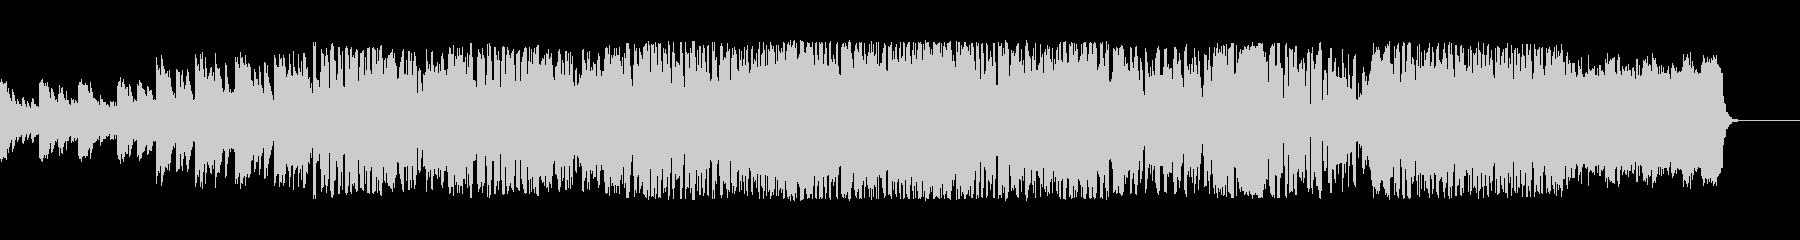 コスモスをイメージしたファンタジー曲の未再生の波形